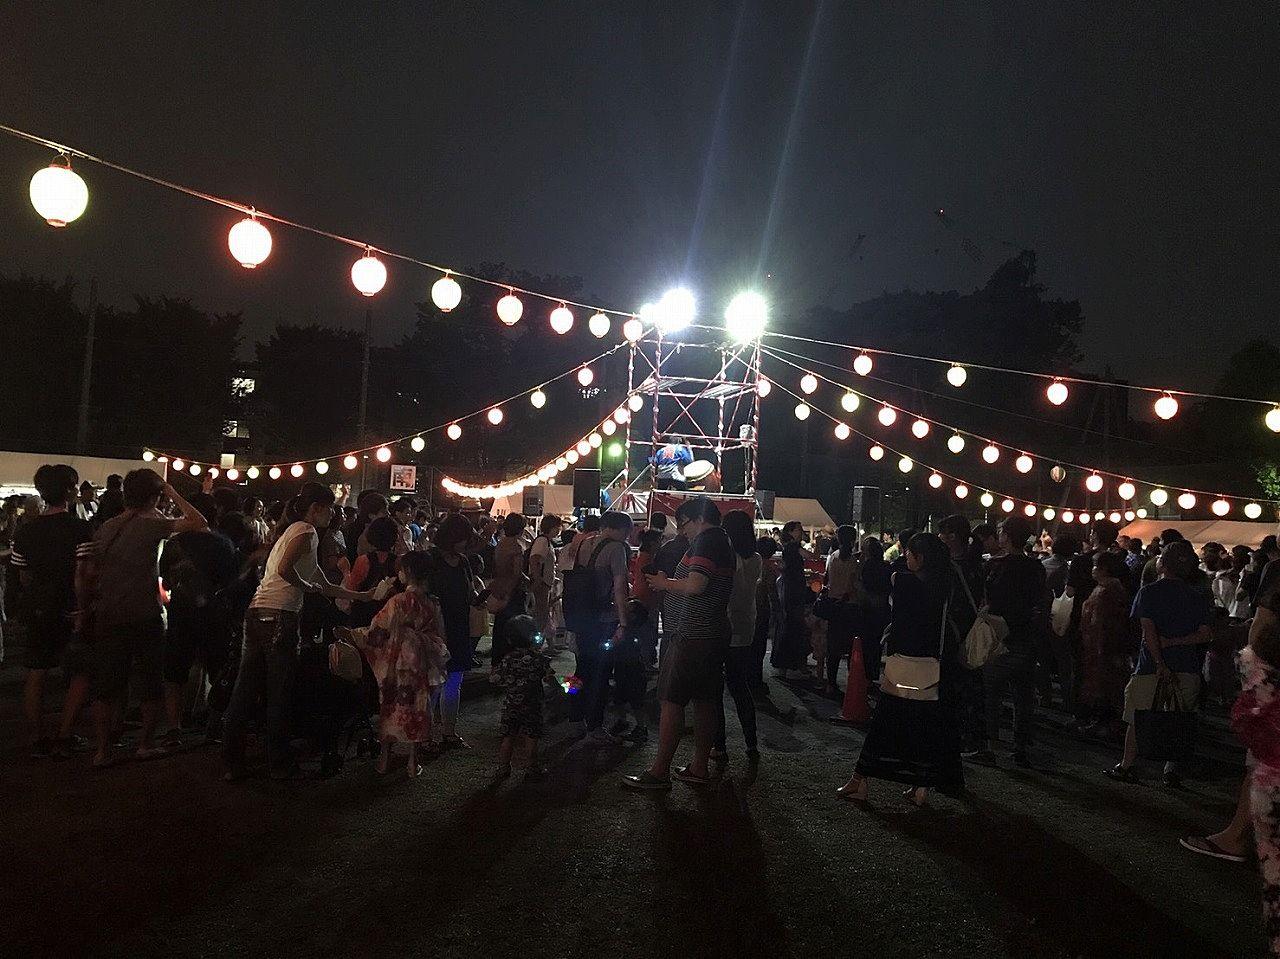 2017年たまプラーザ夏まつり 美しが丘公園 盆踊り会場